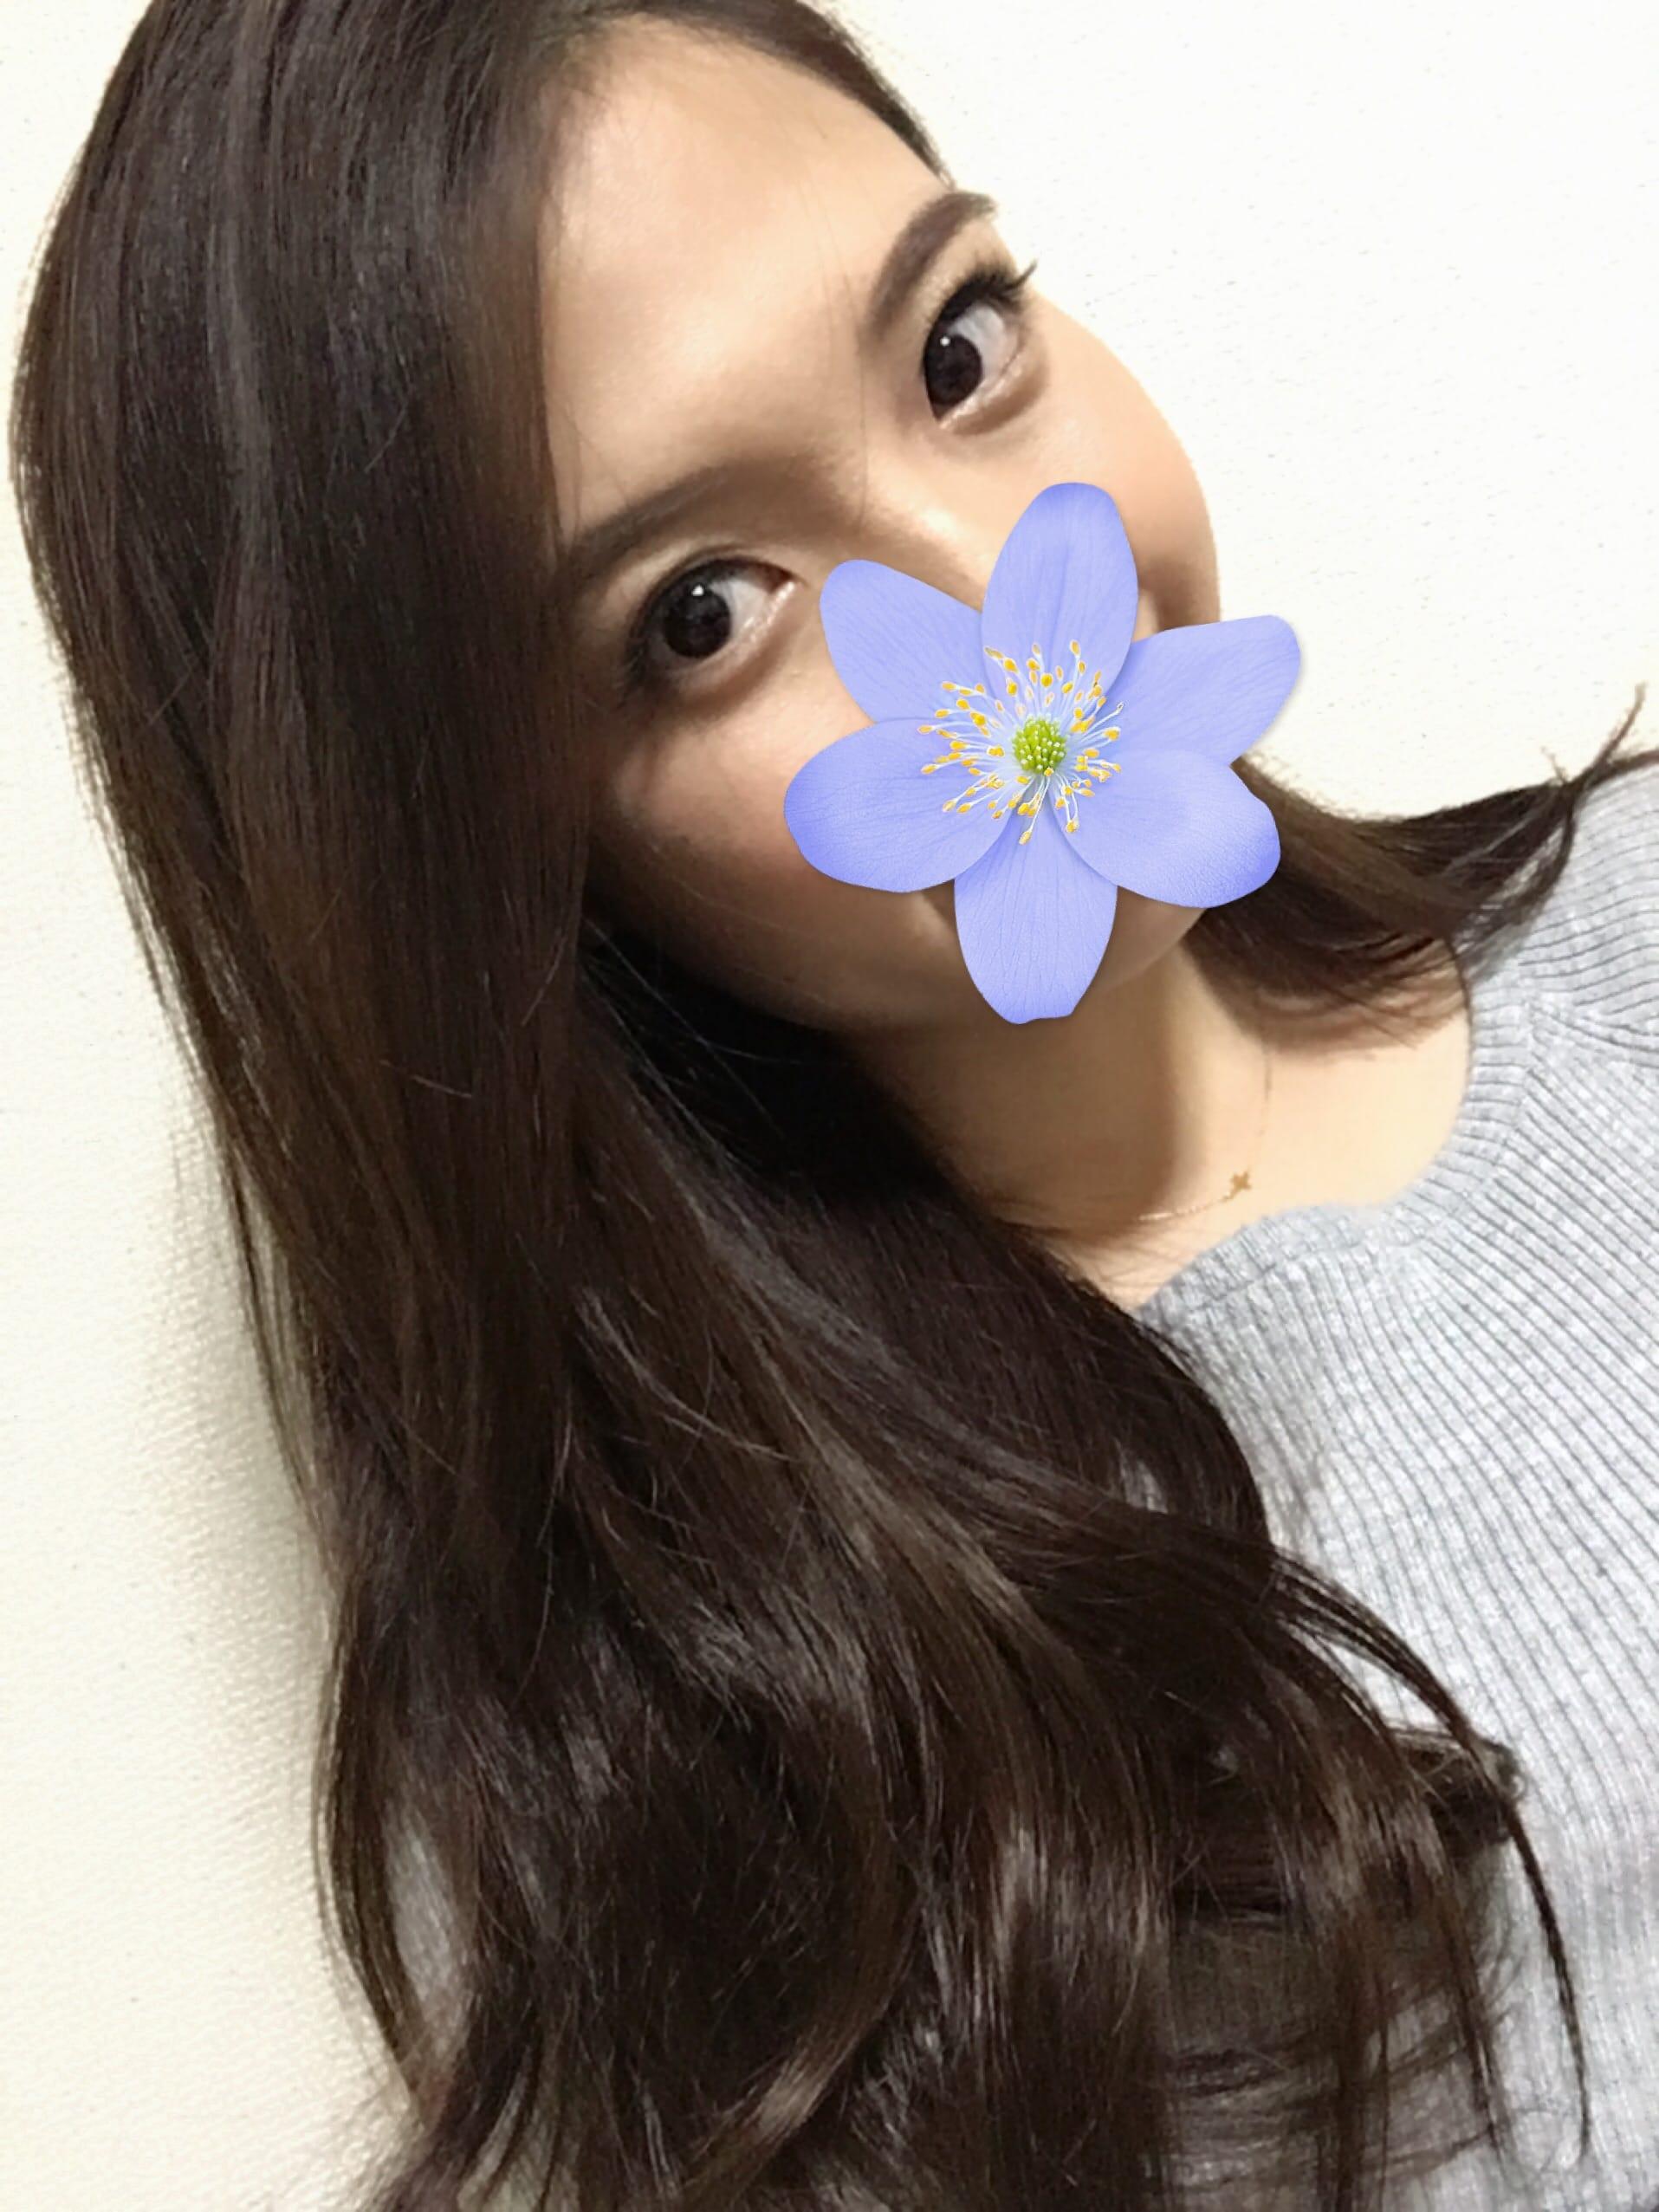 ひまり「♡」12/17(日) 01:50 | ひまりの写メ・風俗動画